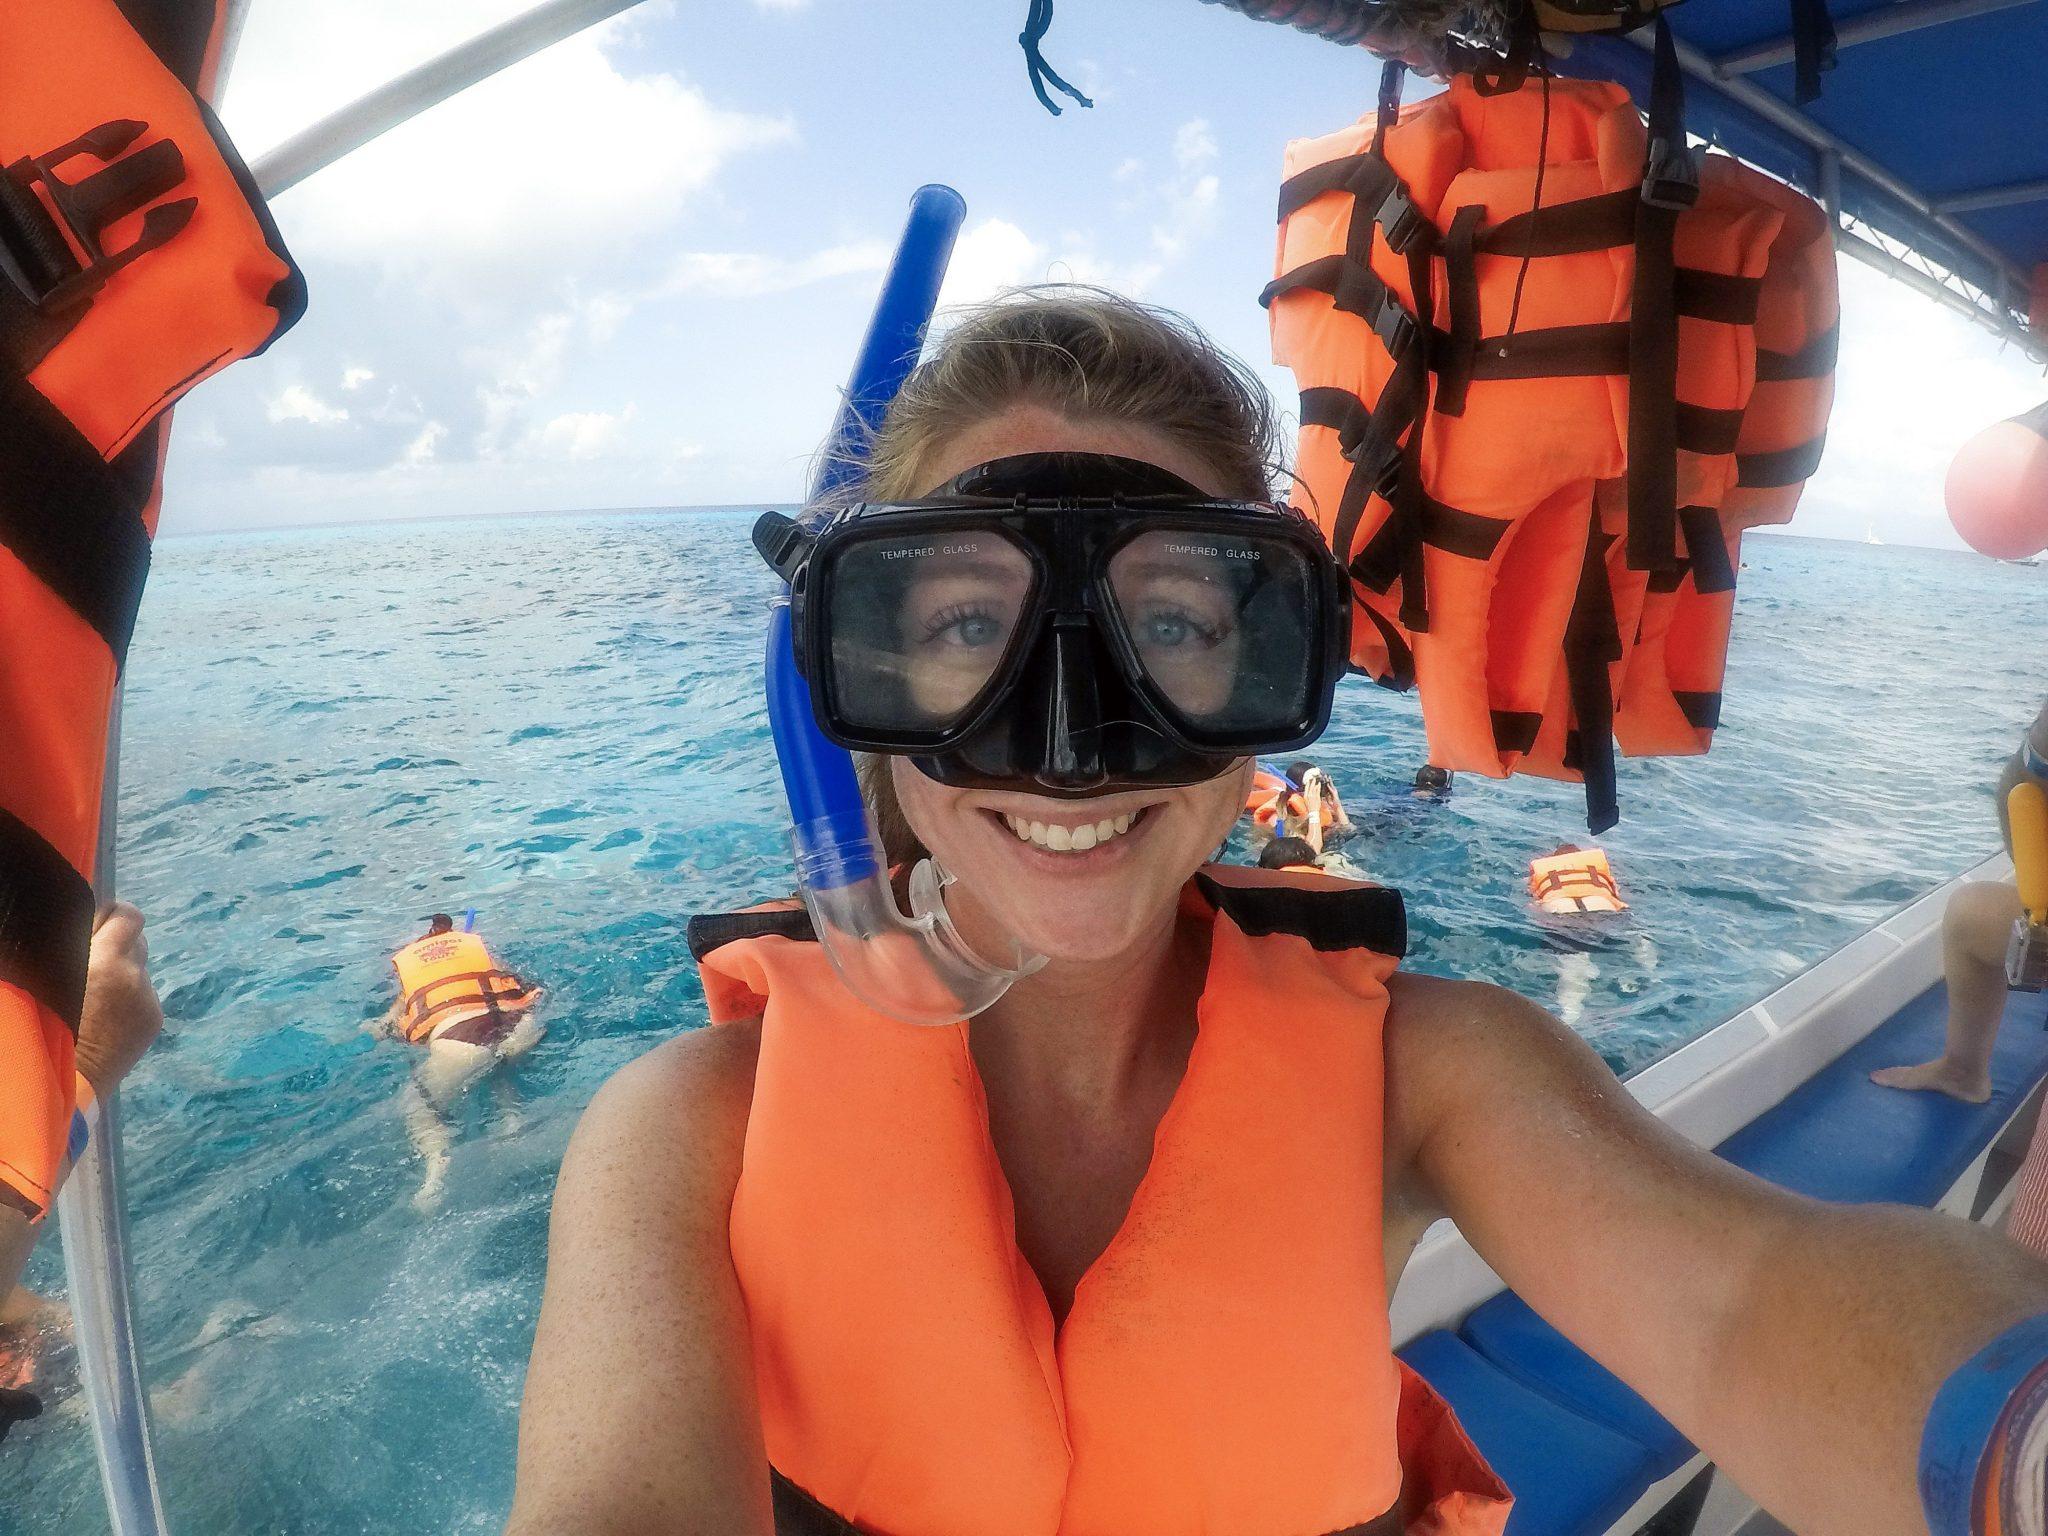 El Cielo Snorkeling